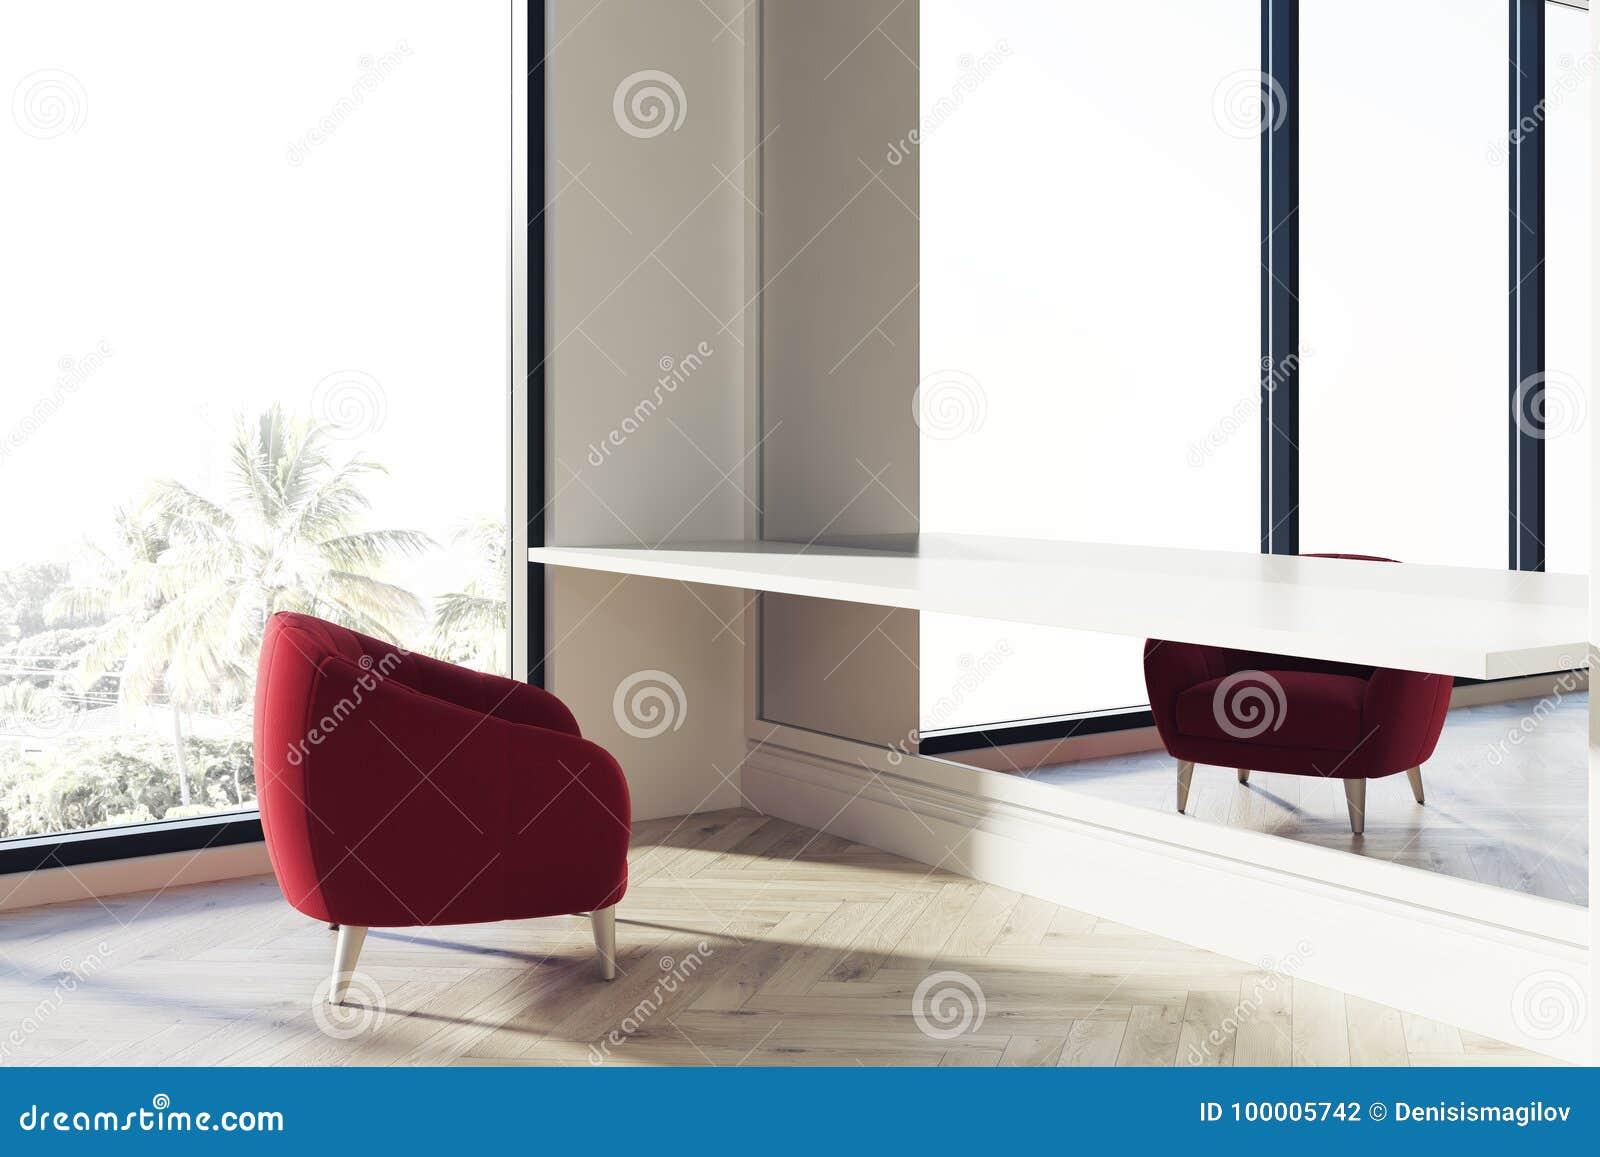 Refuge de bureau fauteuil rouge fenêtre illustration stock